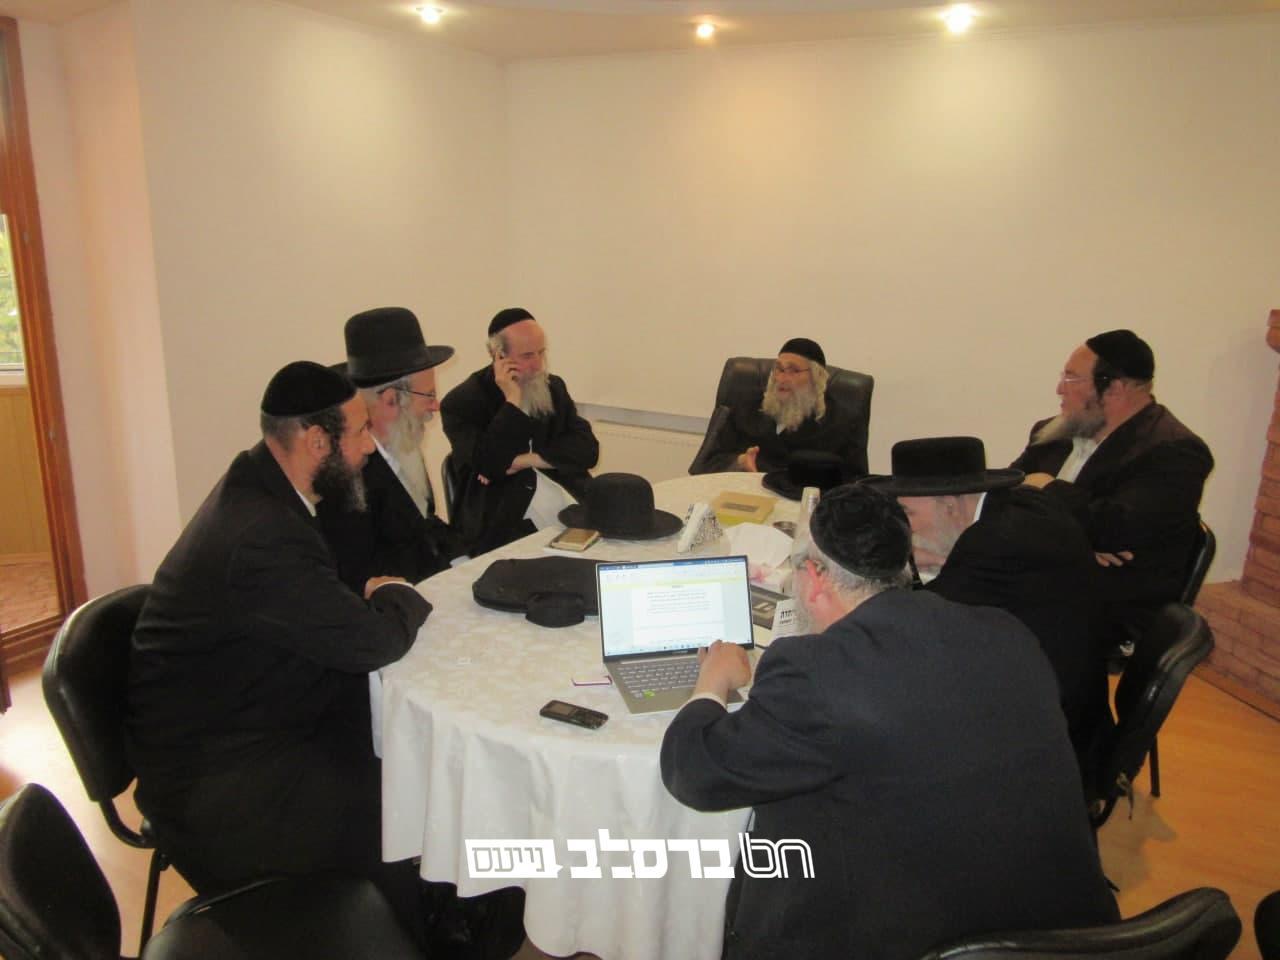 אומן • הרבנים בקריאת קודש לטהרת הקיבוץ הקדוש: 'לשלוח את בני הבית לביתם'